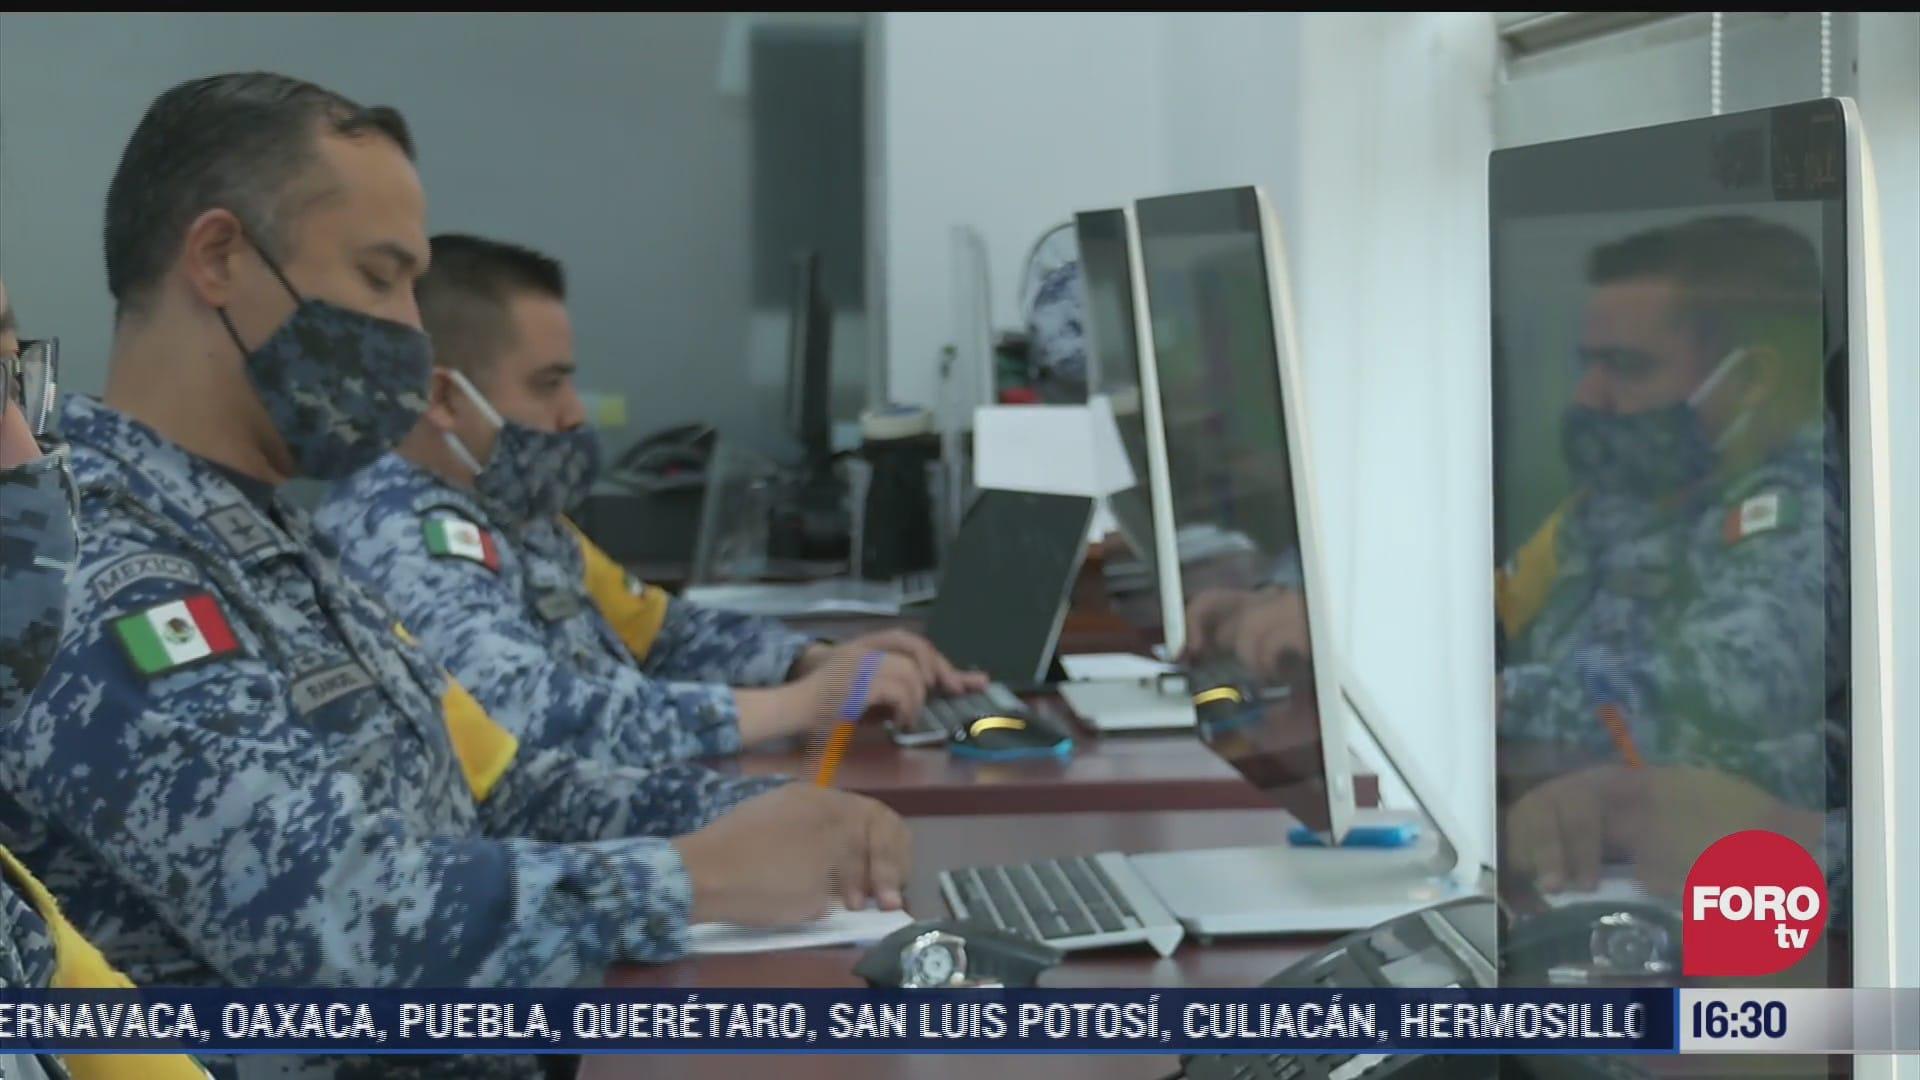 centro de monitoreo atmosferico de sedena vigila riesgos de desastres naturales